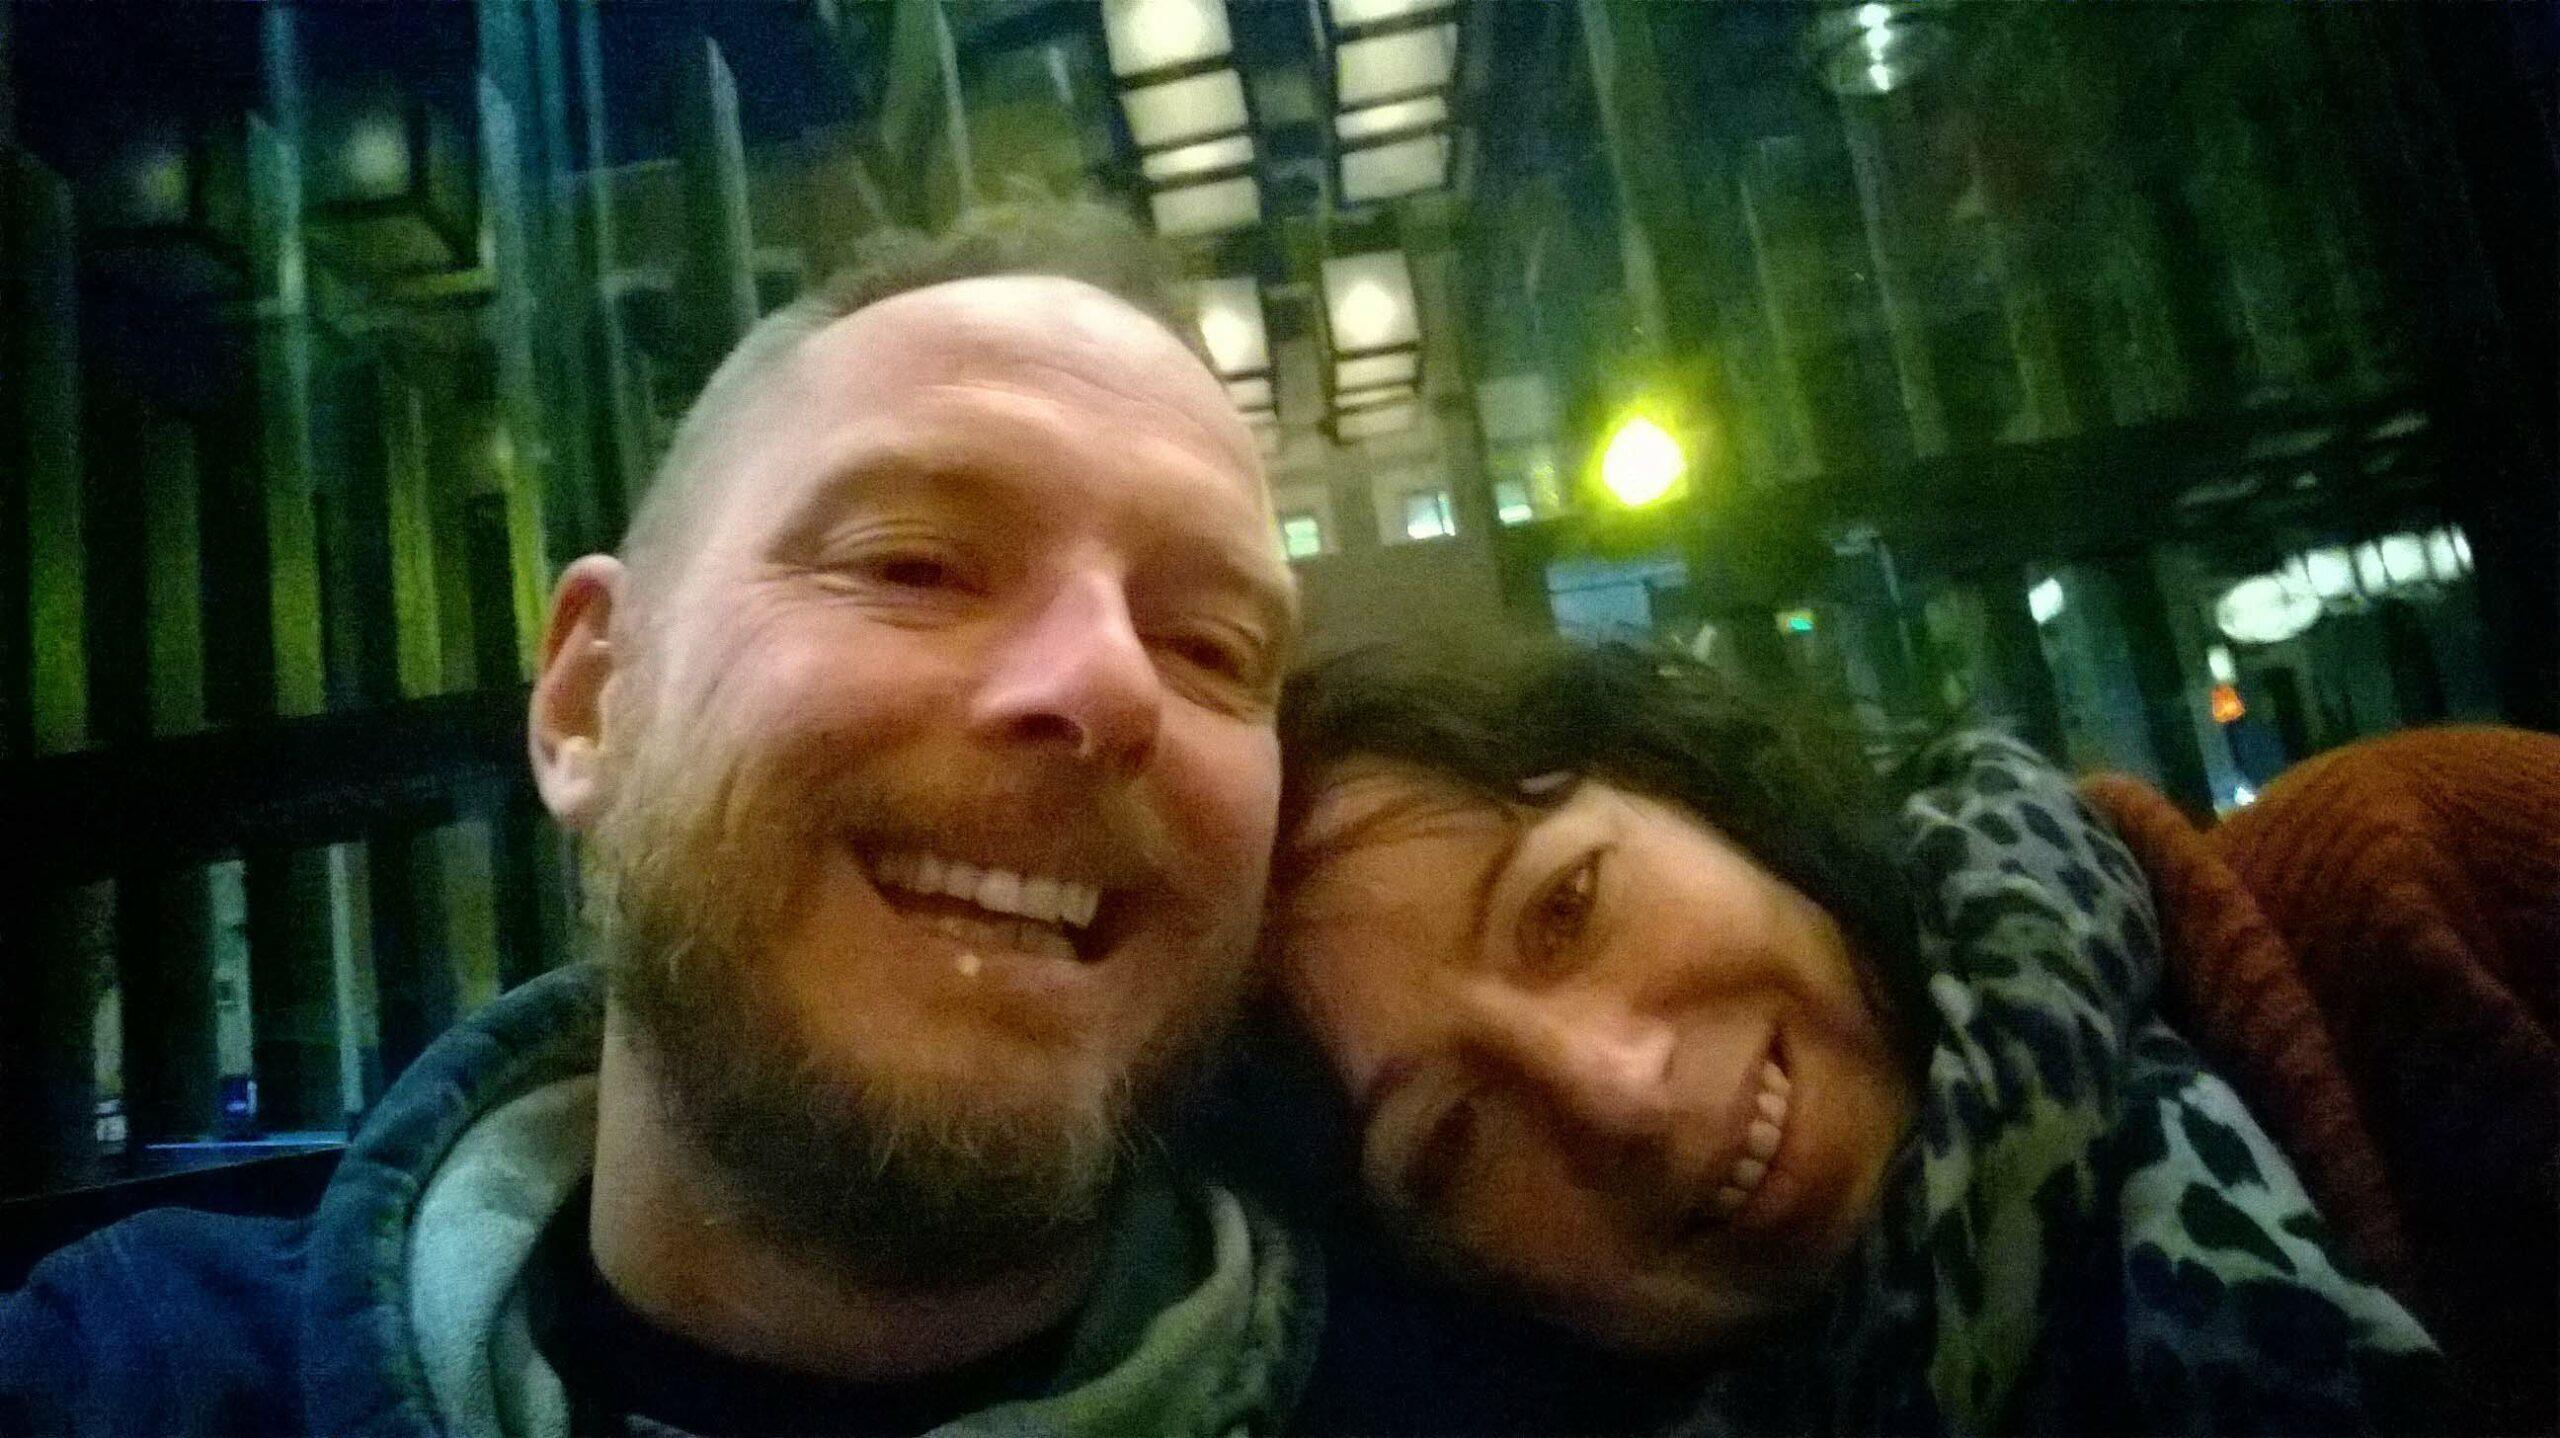 Taken with Lumia Selfie